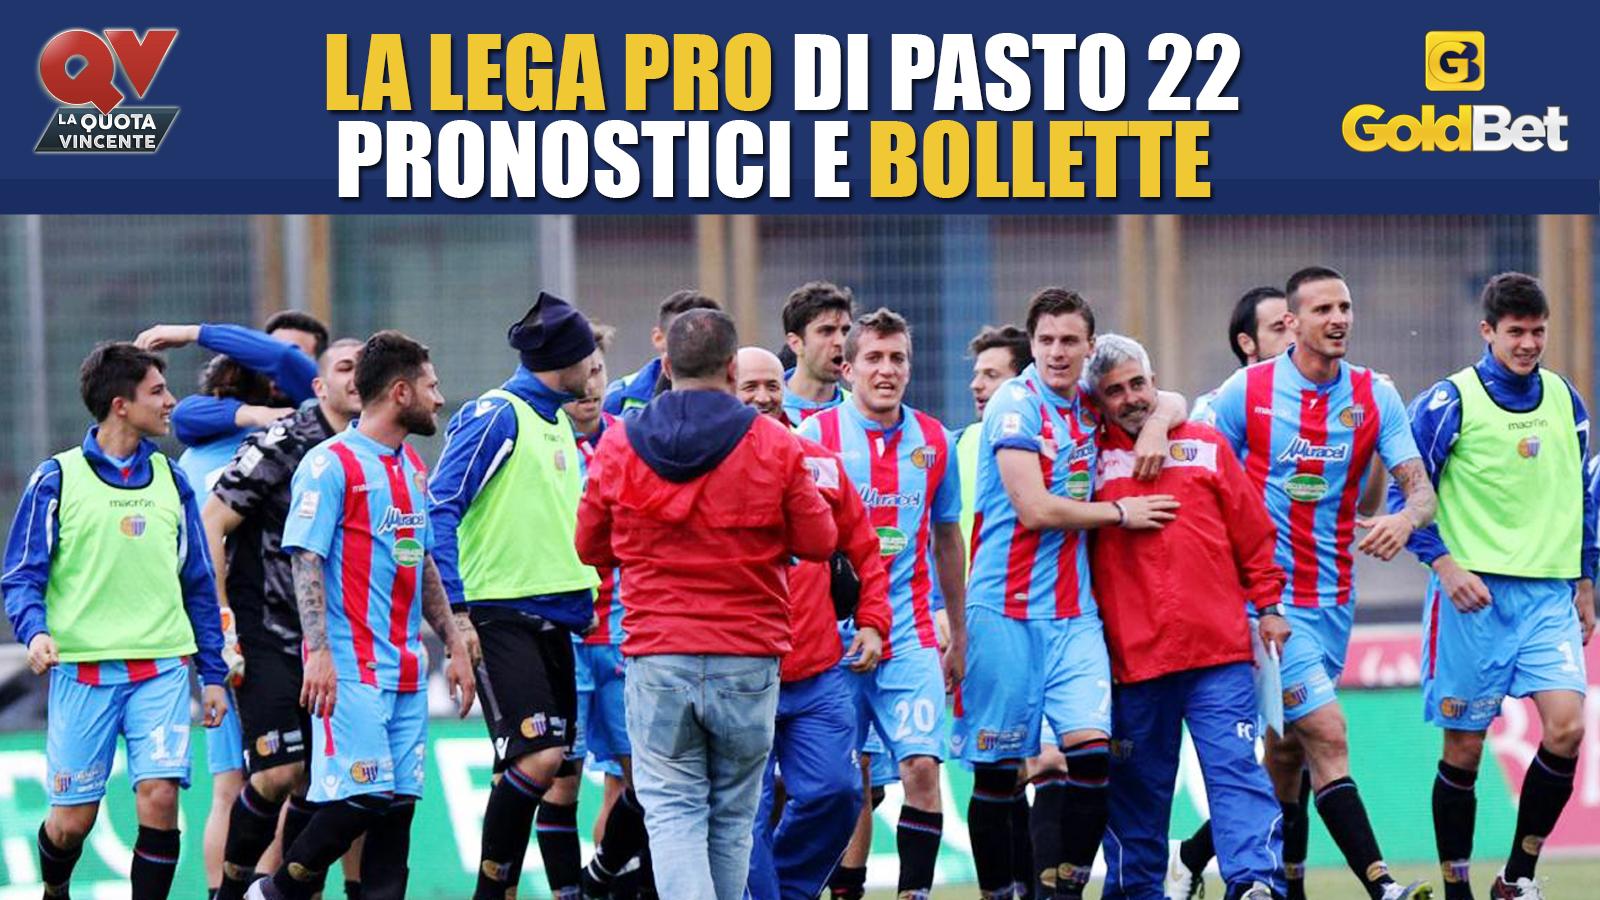 lega_pro_blog_qv_pasto_22_catania_esultanza_news_scommesse_bollette